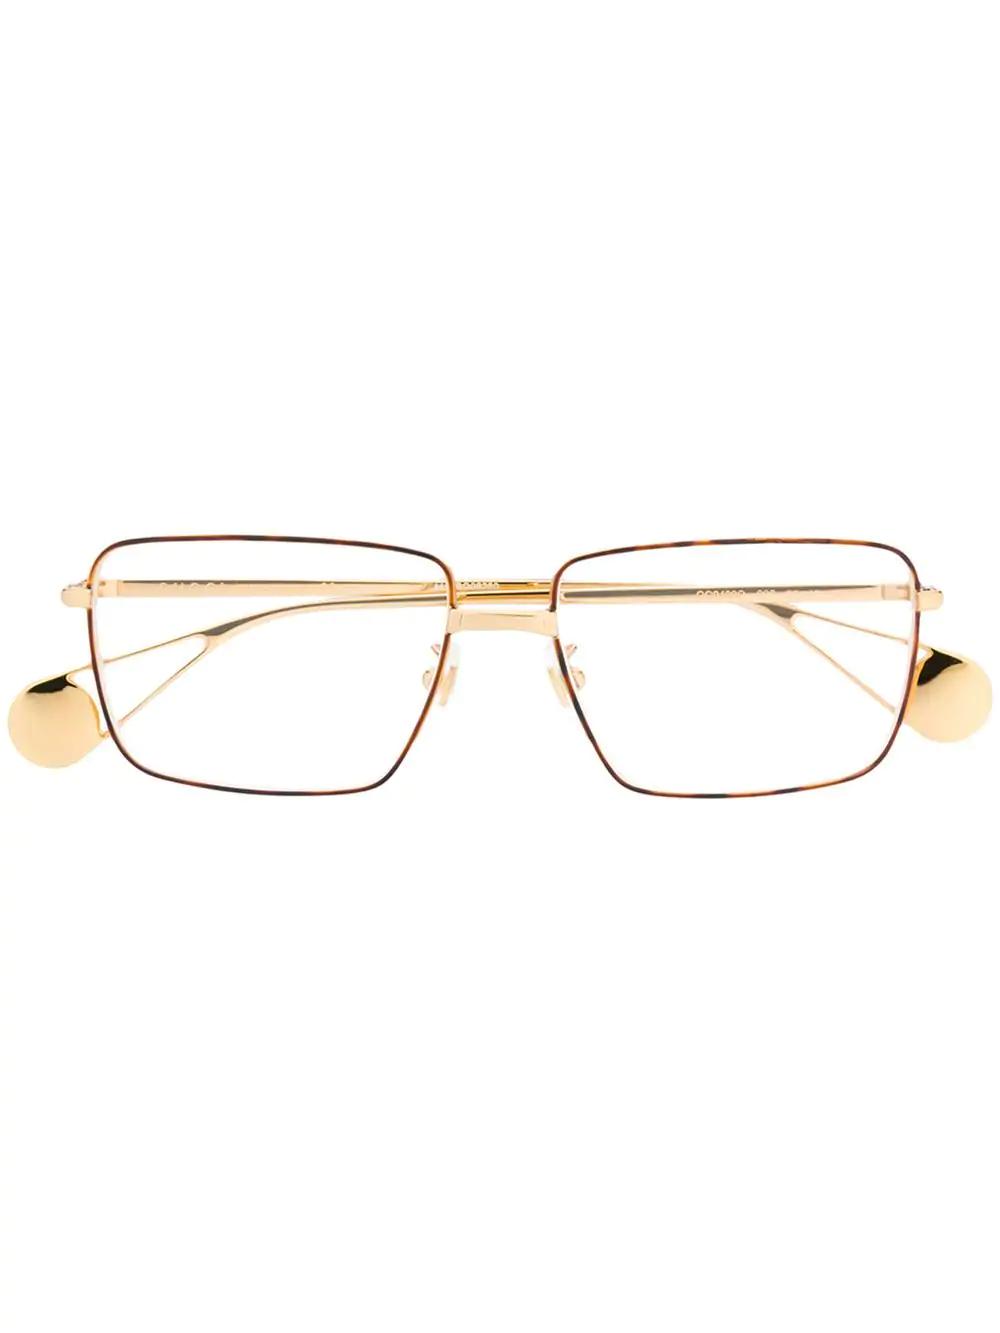 2bd4caf84c271 Gucci Eyewear Square Frame Glasses - Gold